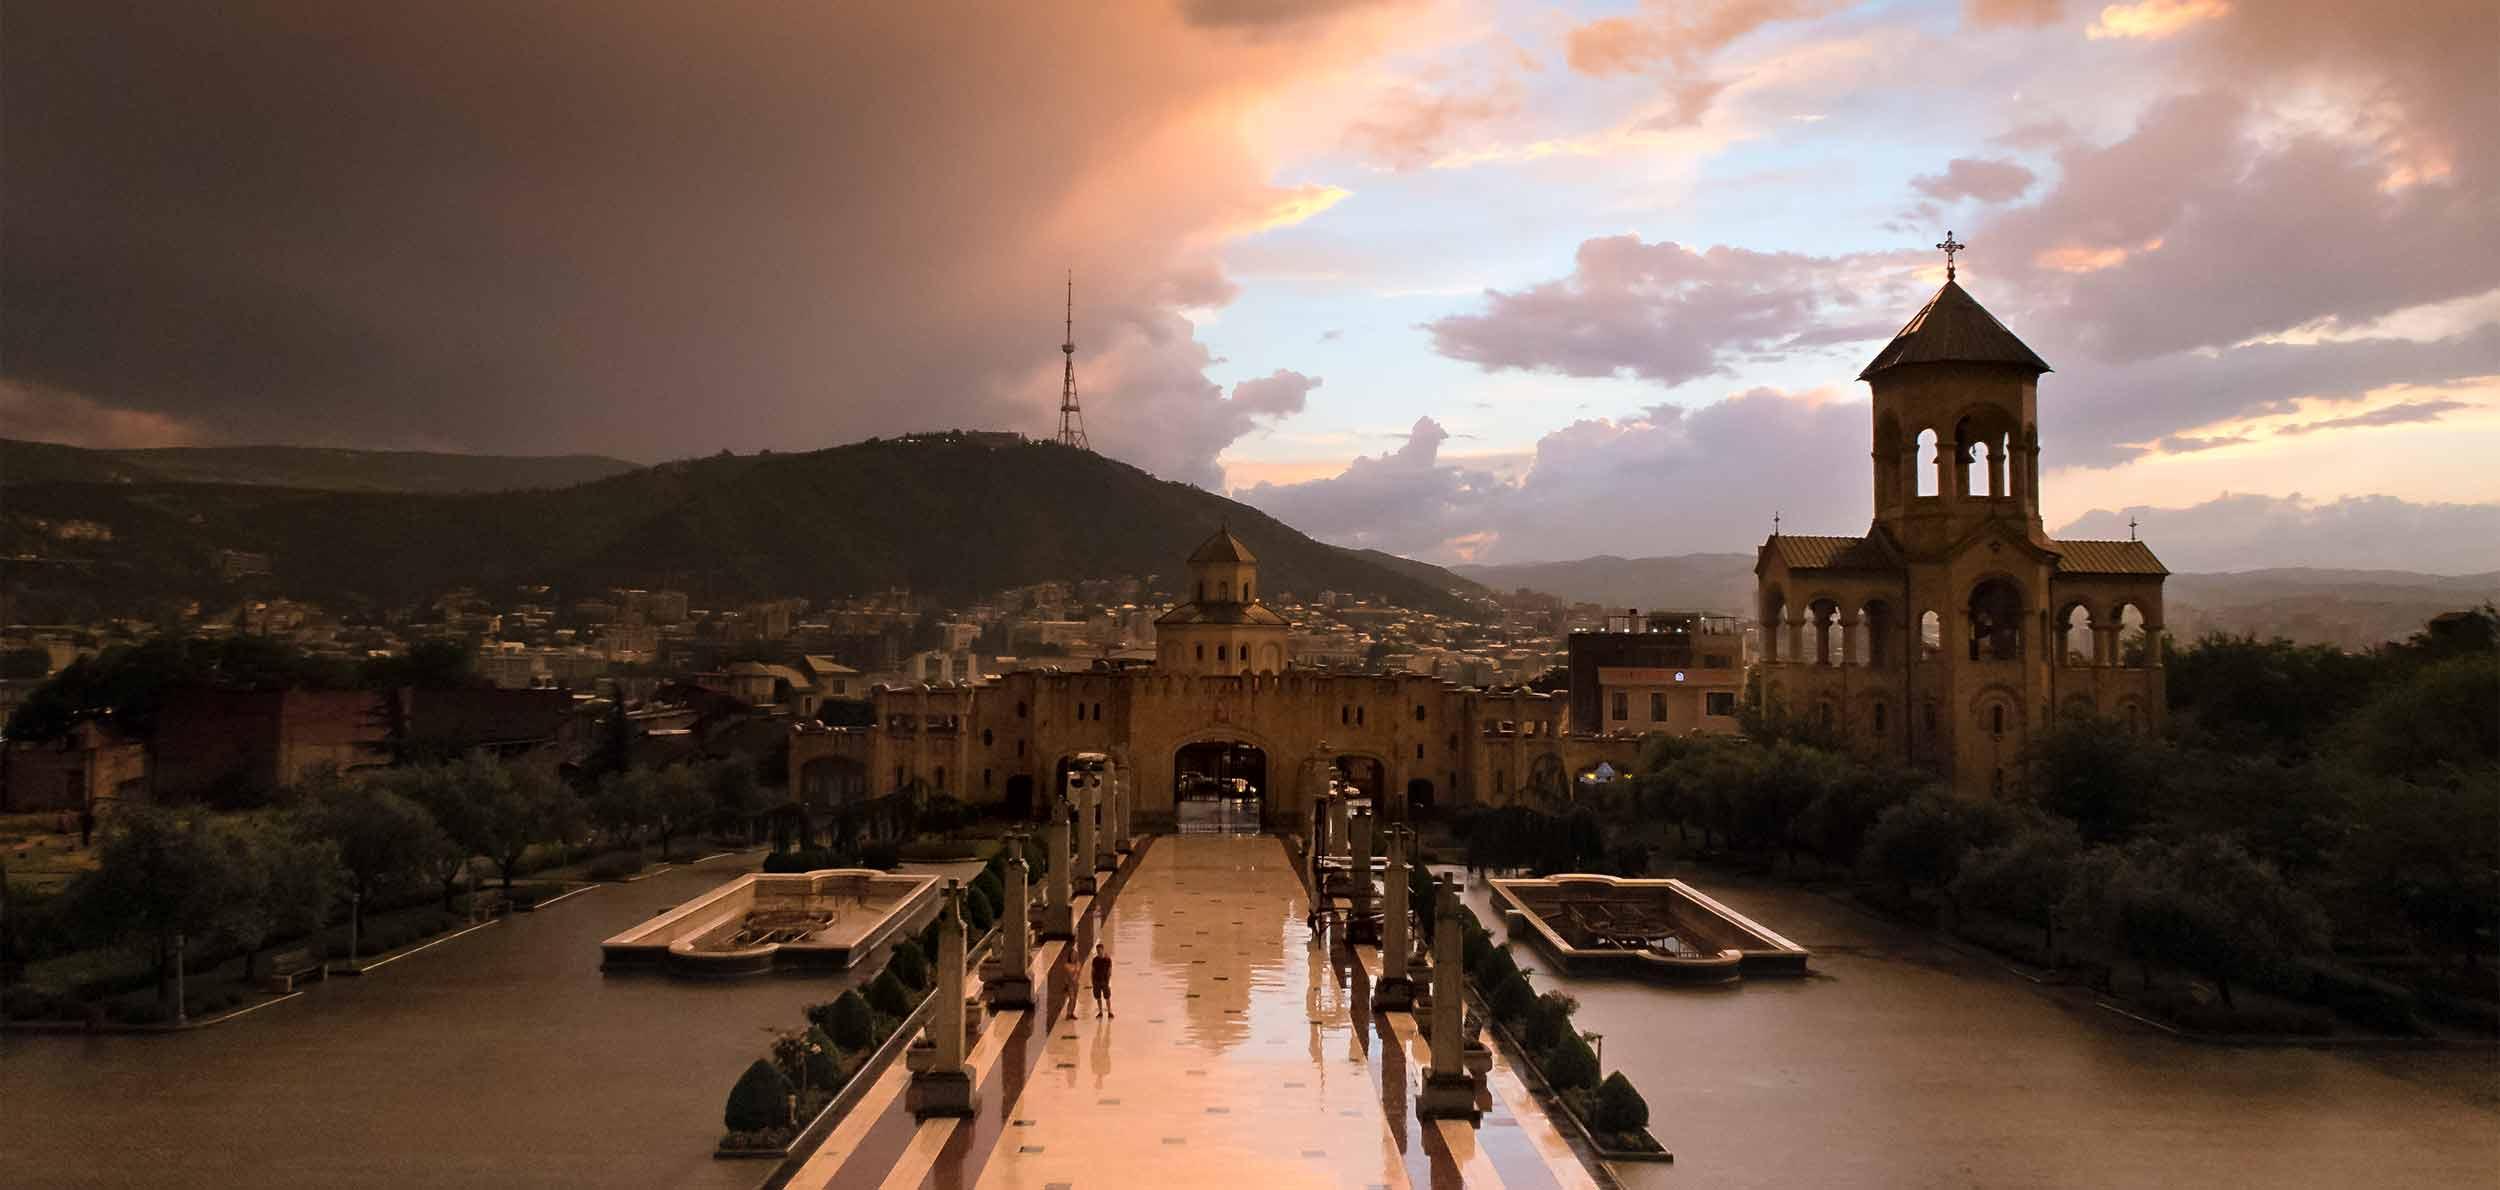 Самеба-Тбилиси-Отдых-Туры-Грузия-NAMERANI.jpg